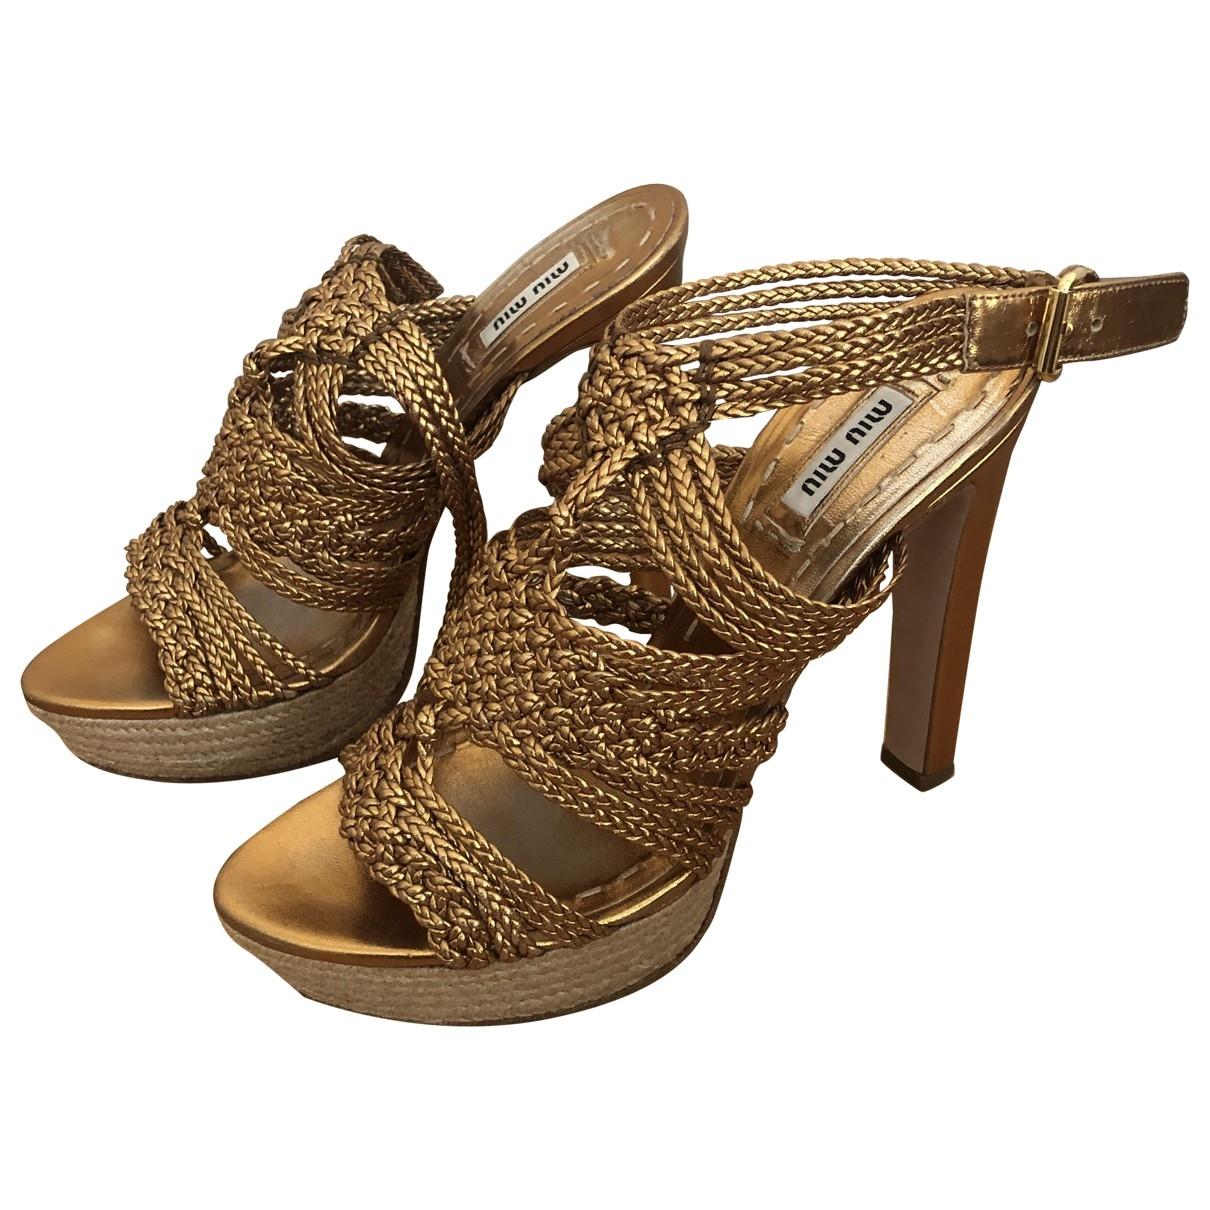 Miu Miu \N Gold Leather Sandals for Women 38 EU